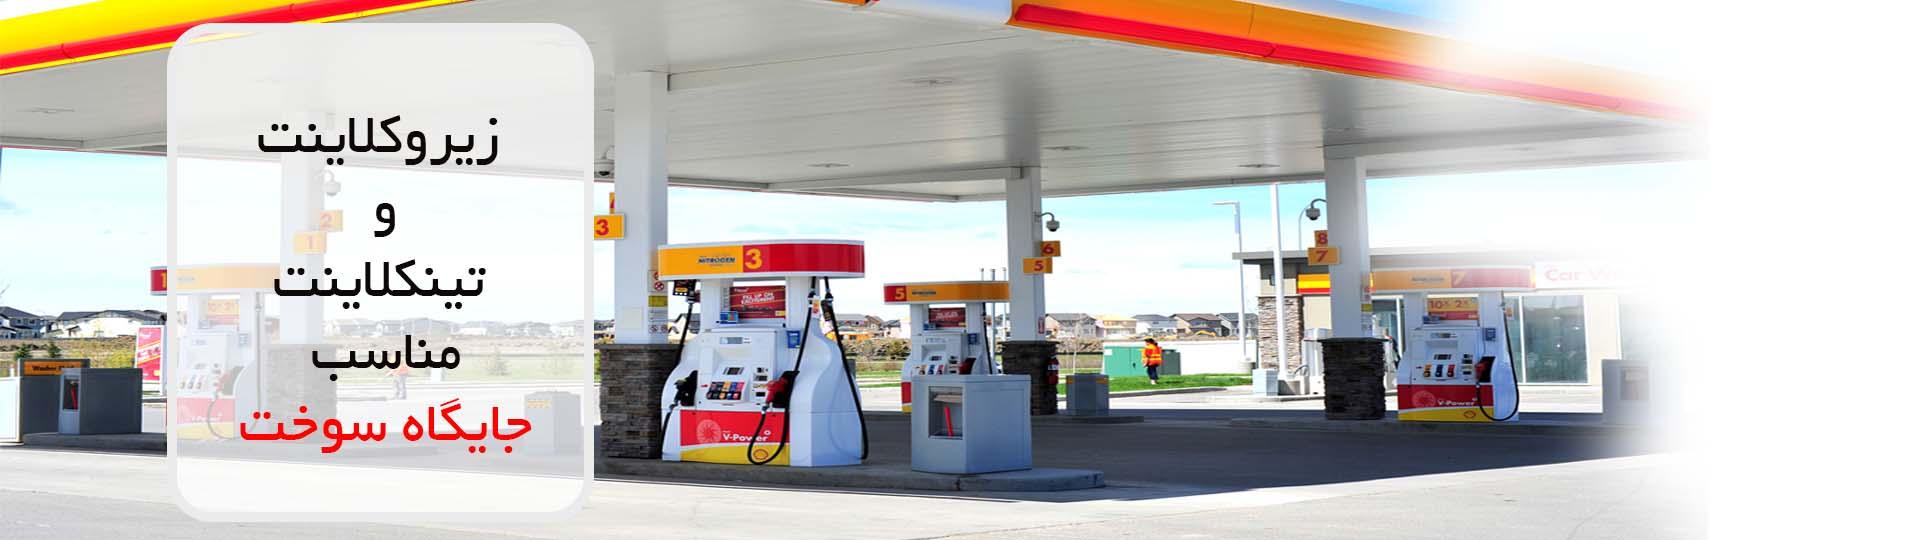 زیروکلاینت و تینکلاینت مناسب جایگاه سوخت